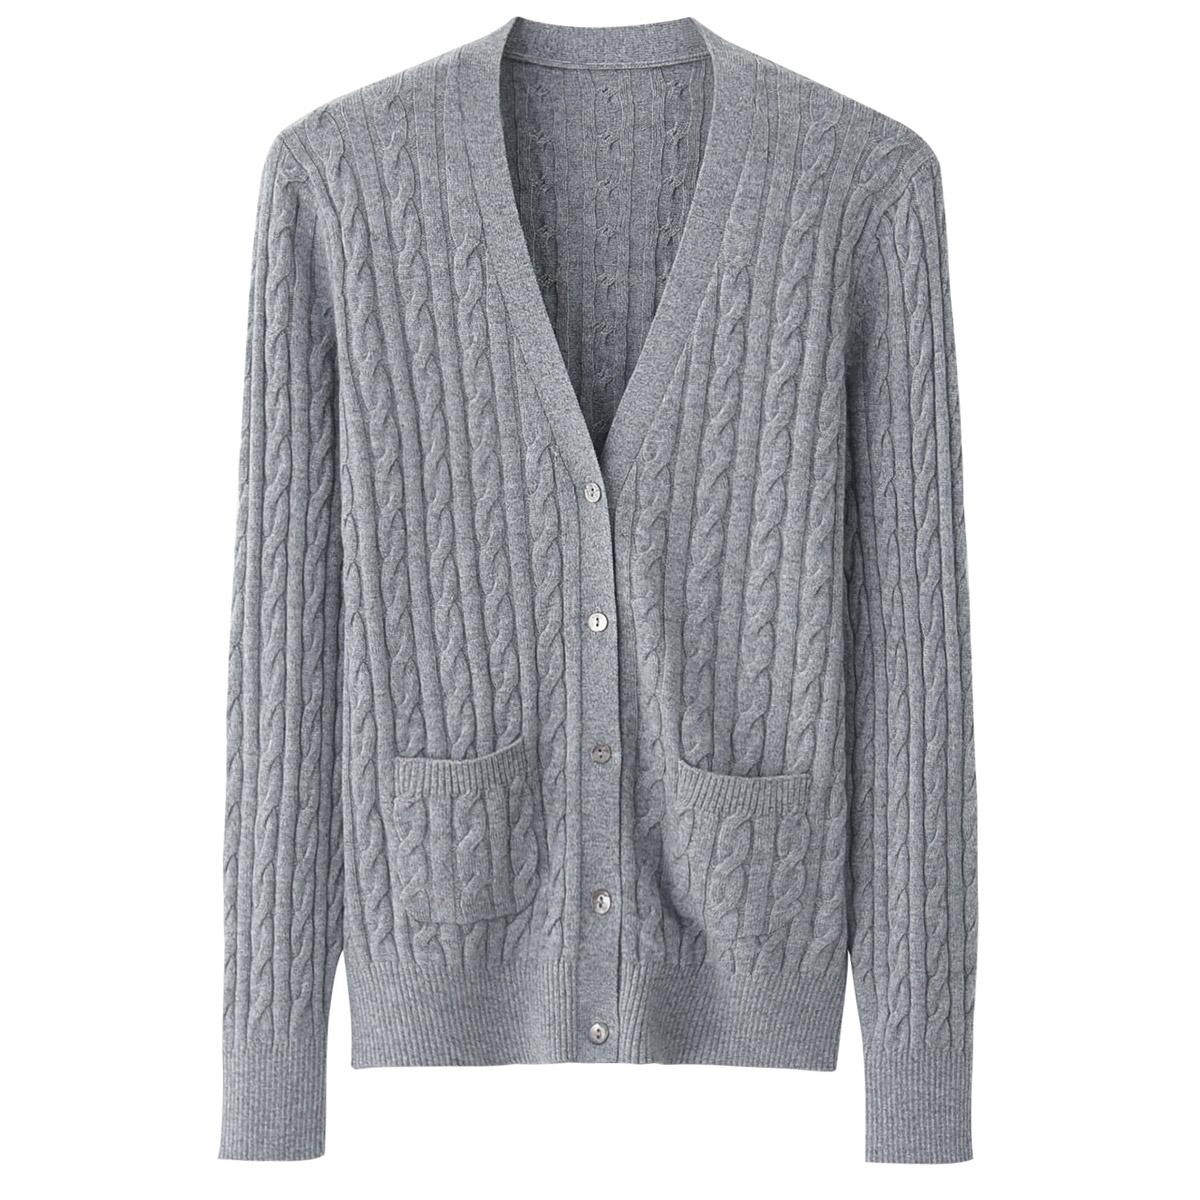 女装新款羊绒衫女式V领绞花皮套补丁针织对襟开衫休闲外套毛衣